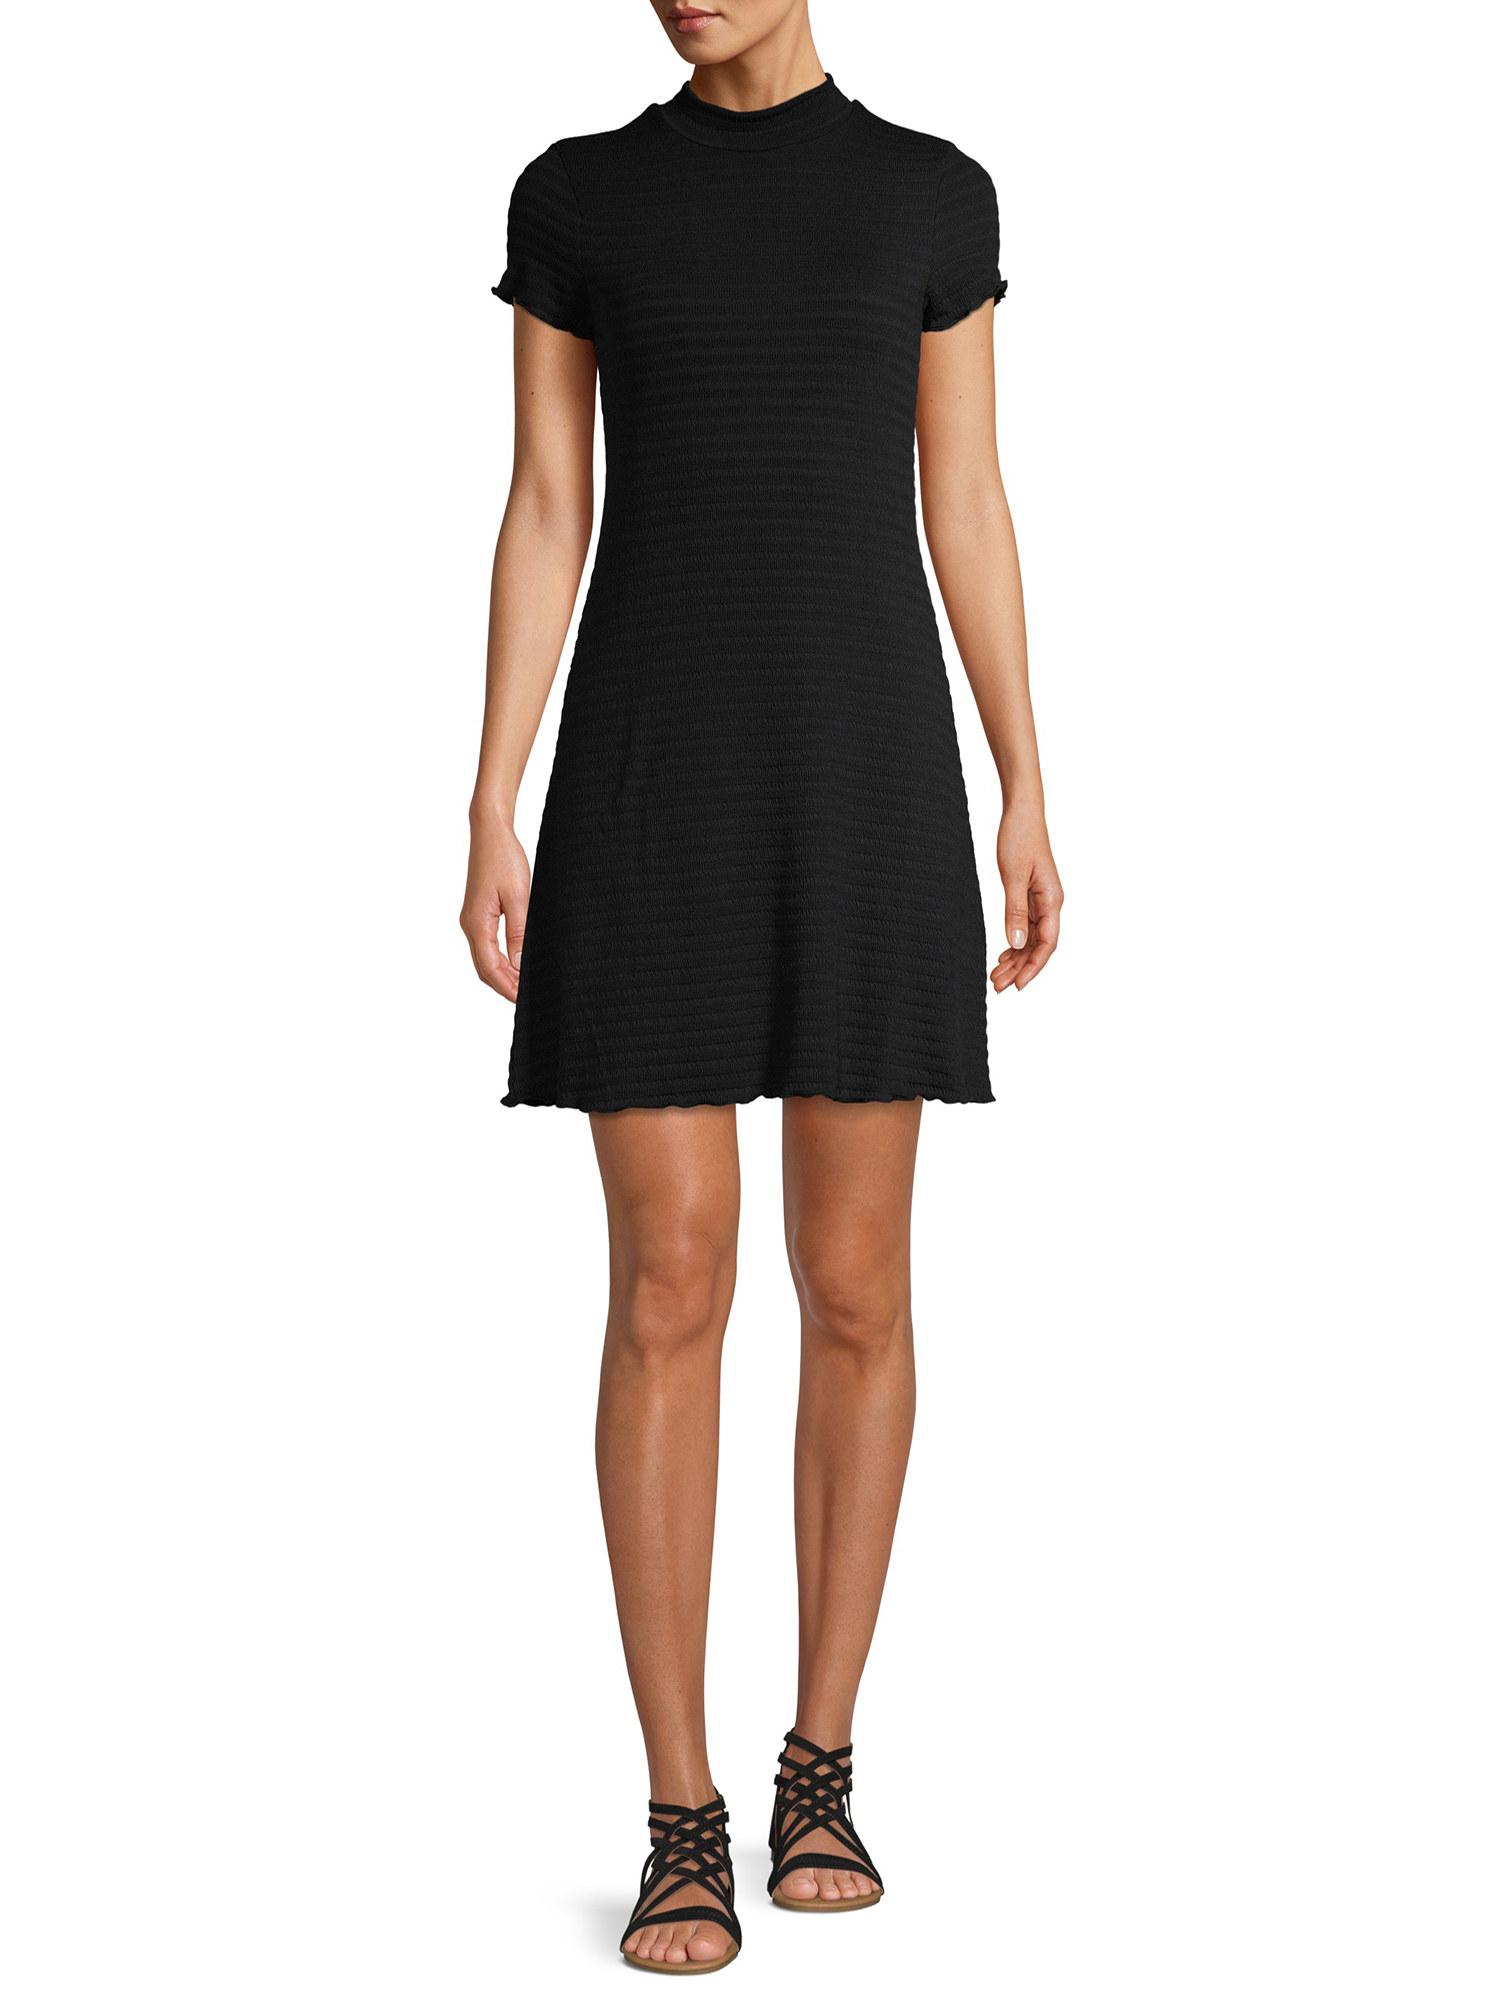 Model in a short sleeved black mock neck dress